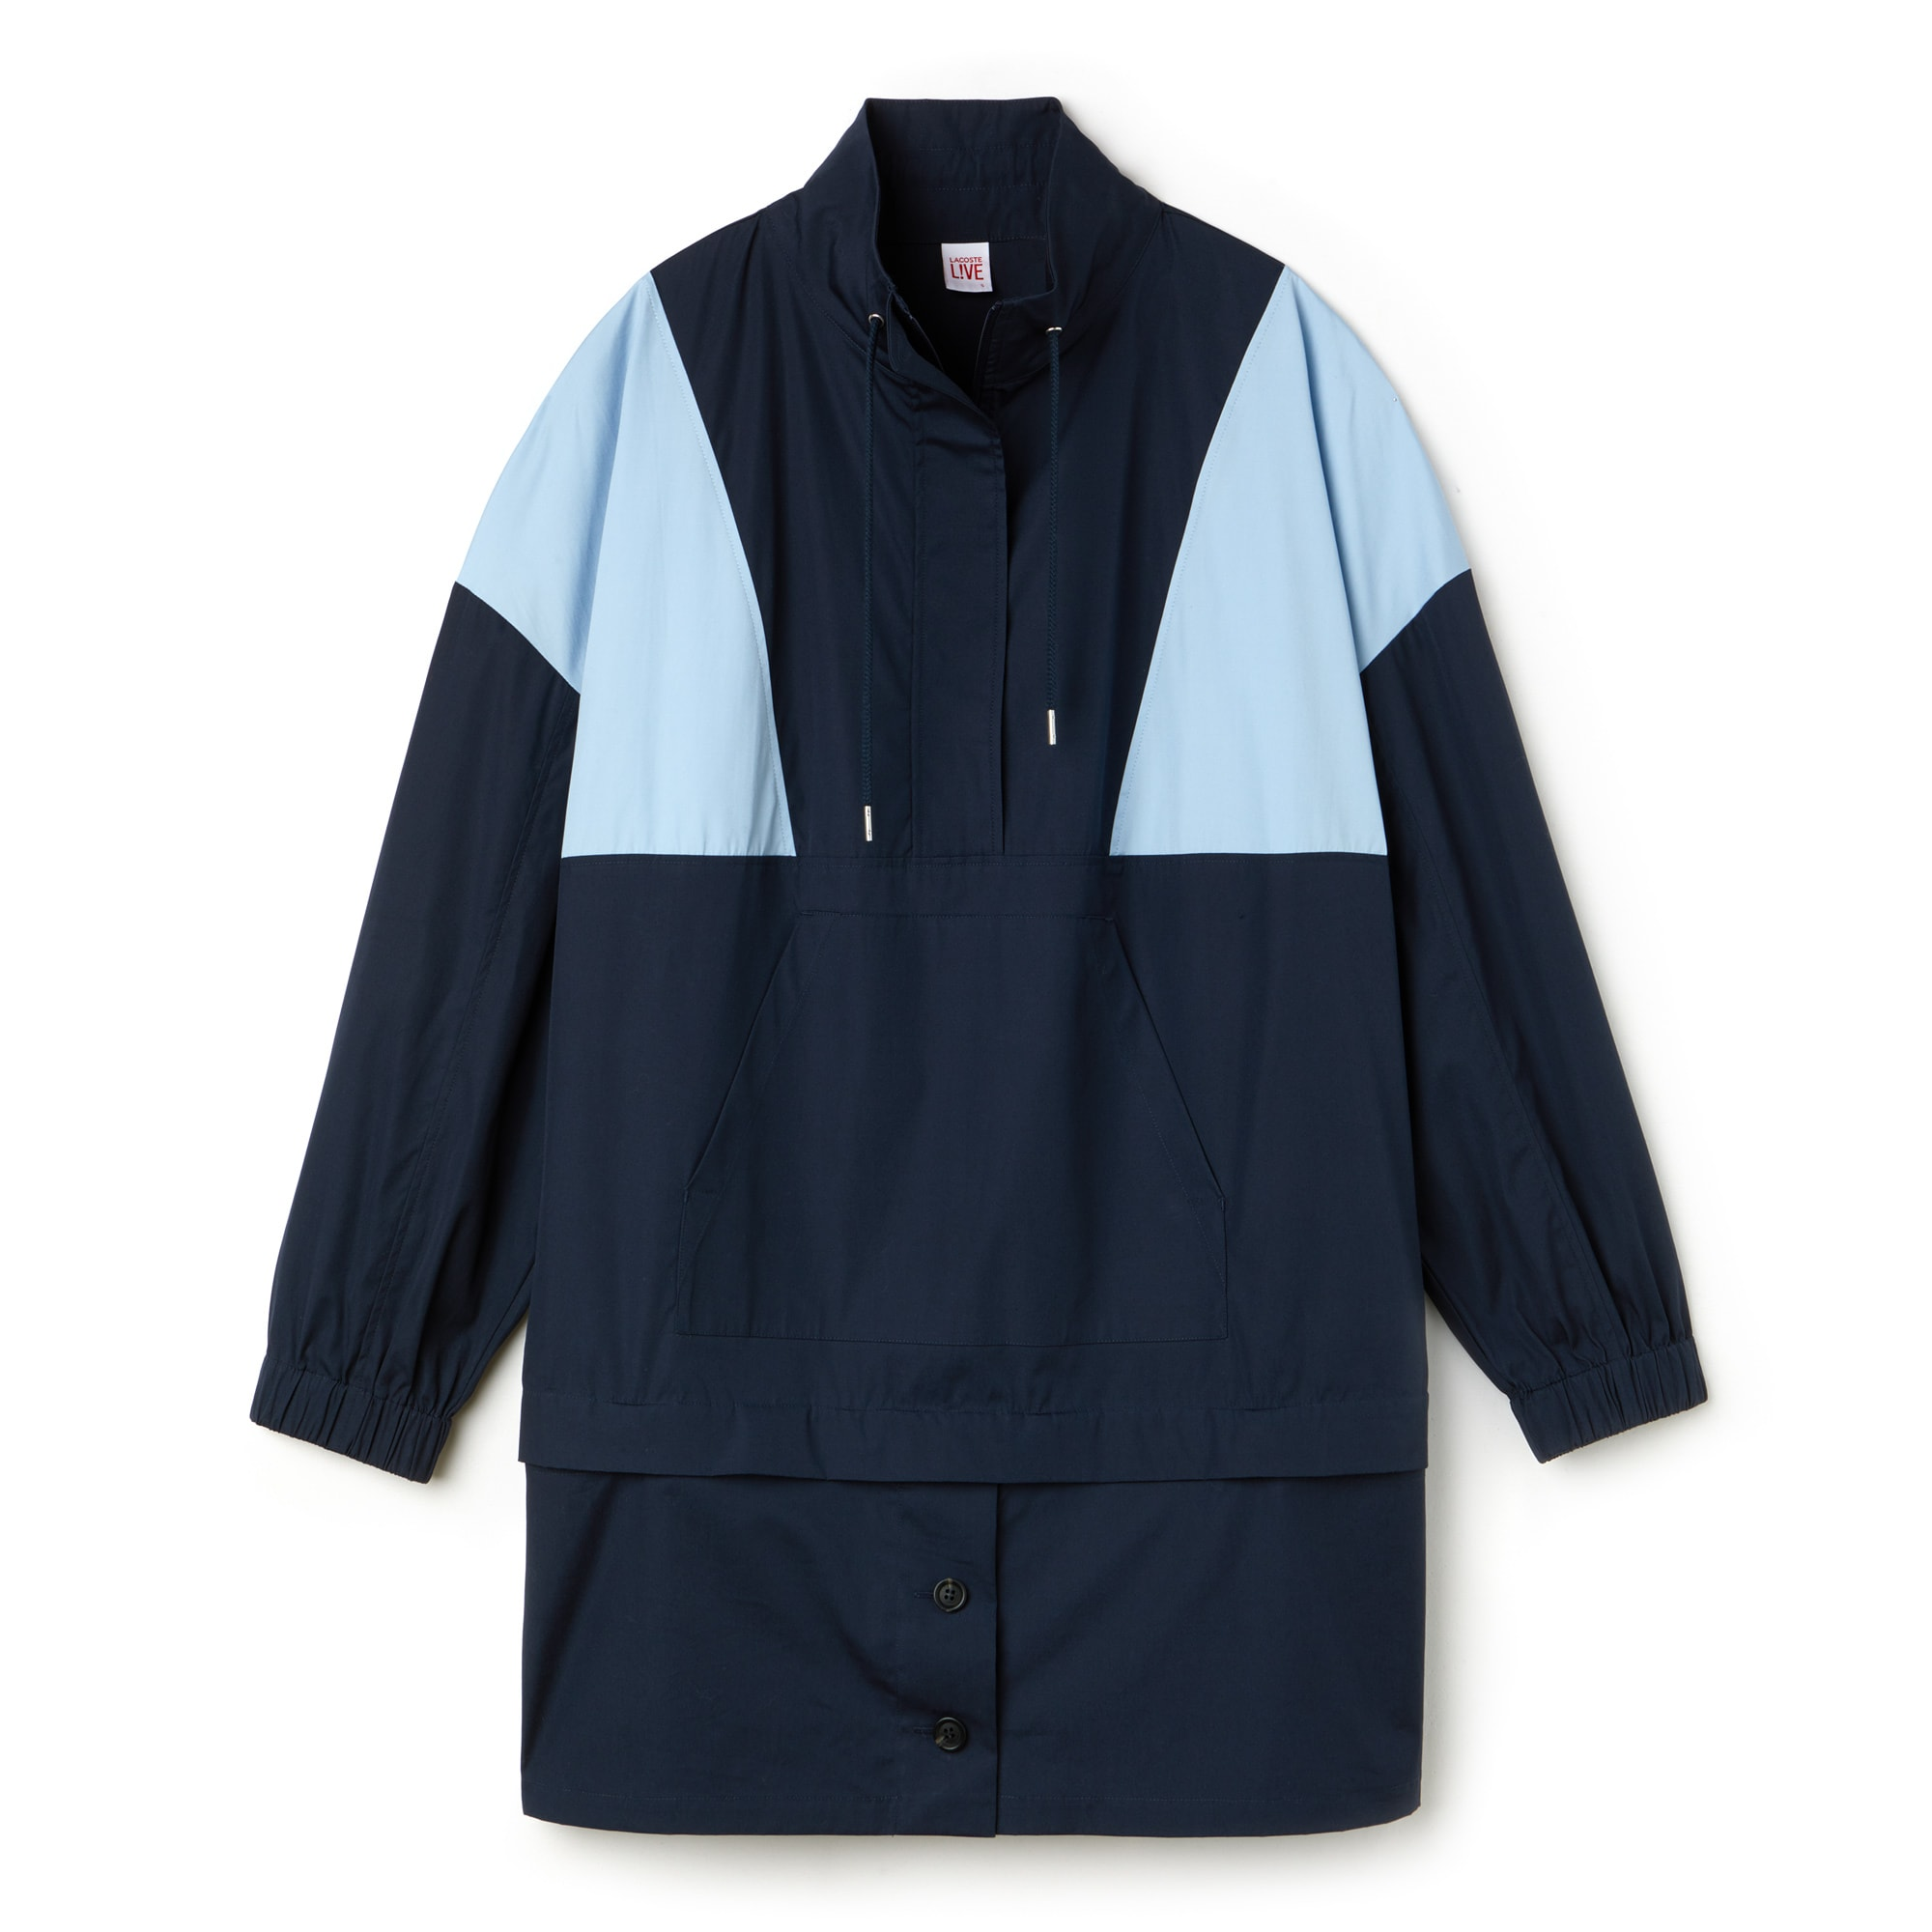 라코스테 라이브 컬러블록 스웻셔츠 원피스 네이비/스카이 Lacoste Womens LIVE Colorblock Cotton Poplin Sweatshirt Dress,MERIDIAN BLUE/ATMOSPHERE